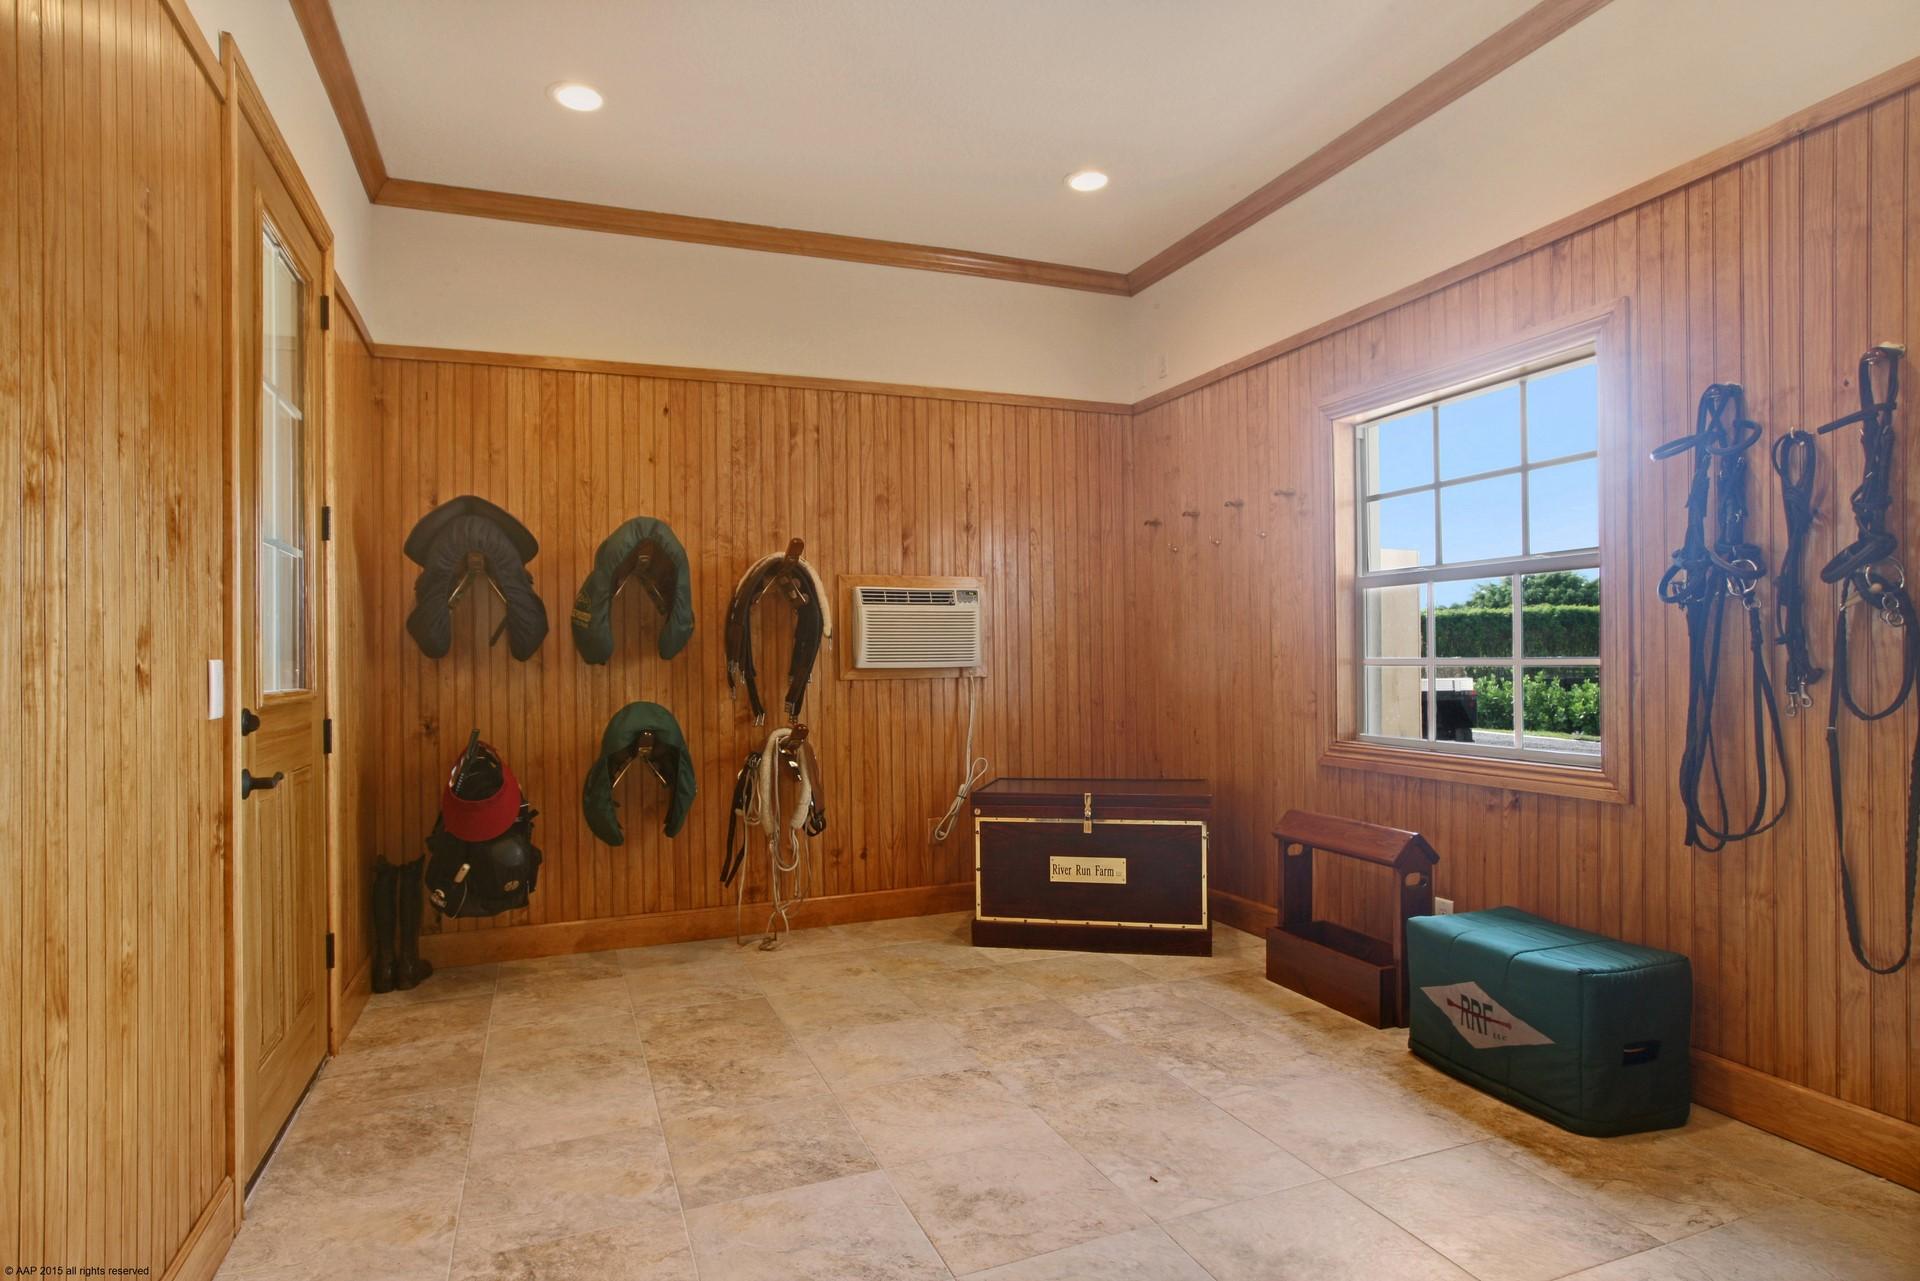 3 Bedrooms Bedrooms, ,1 BathroomBathrooms,Stall Rental,For Rent,1035